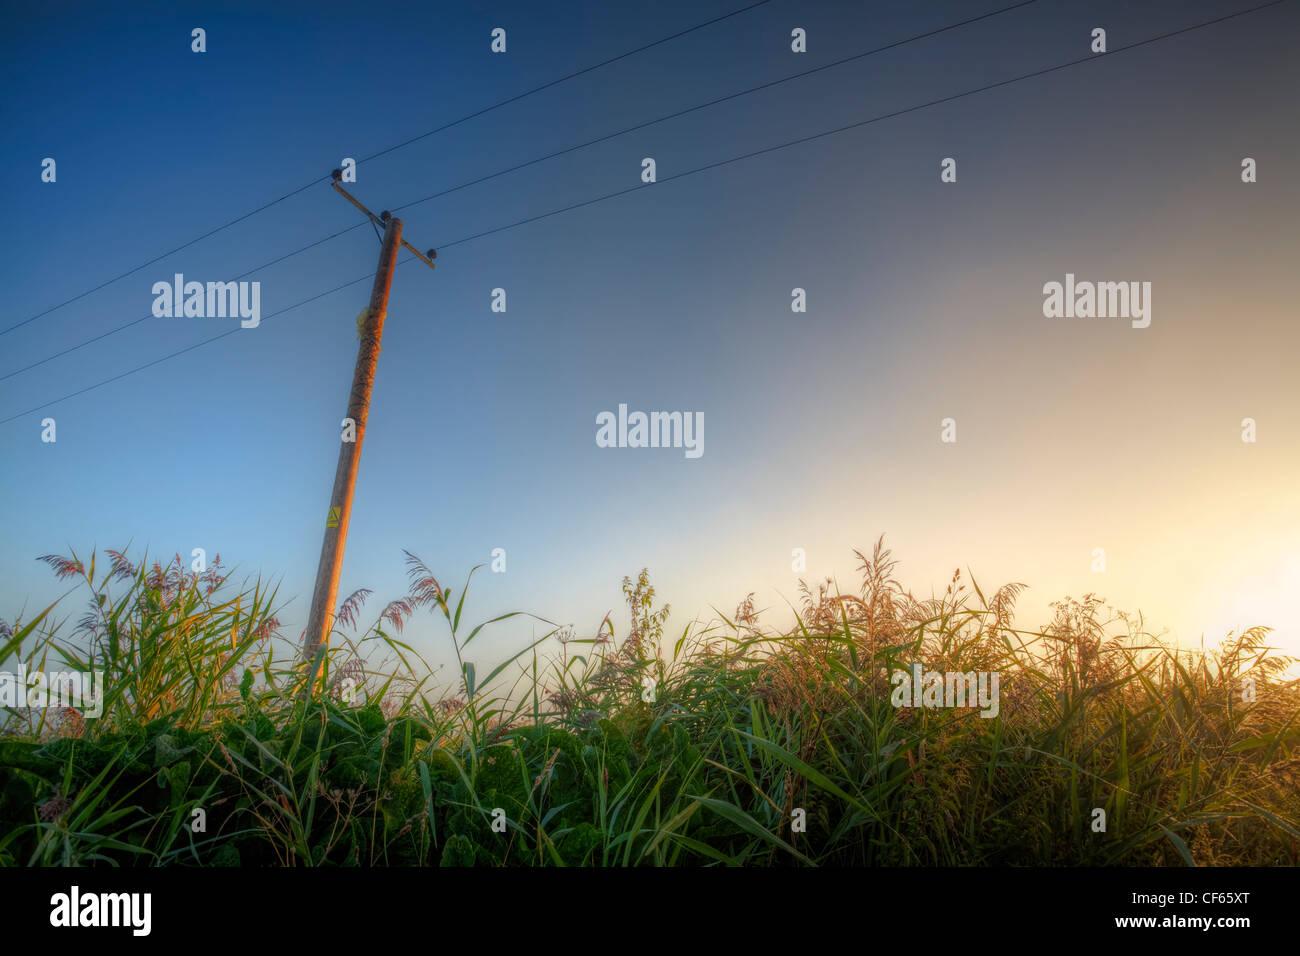 Lever de soleil dans la lumineuse, l'échelle de l'open skies Cambridgeshire Fens. Photo Stock